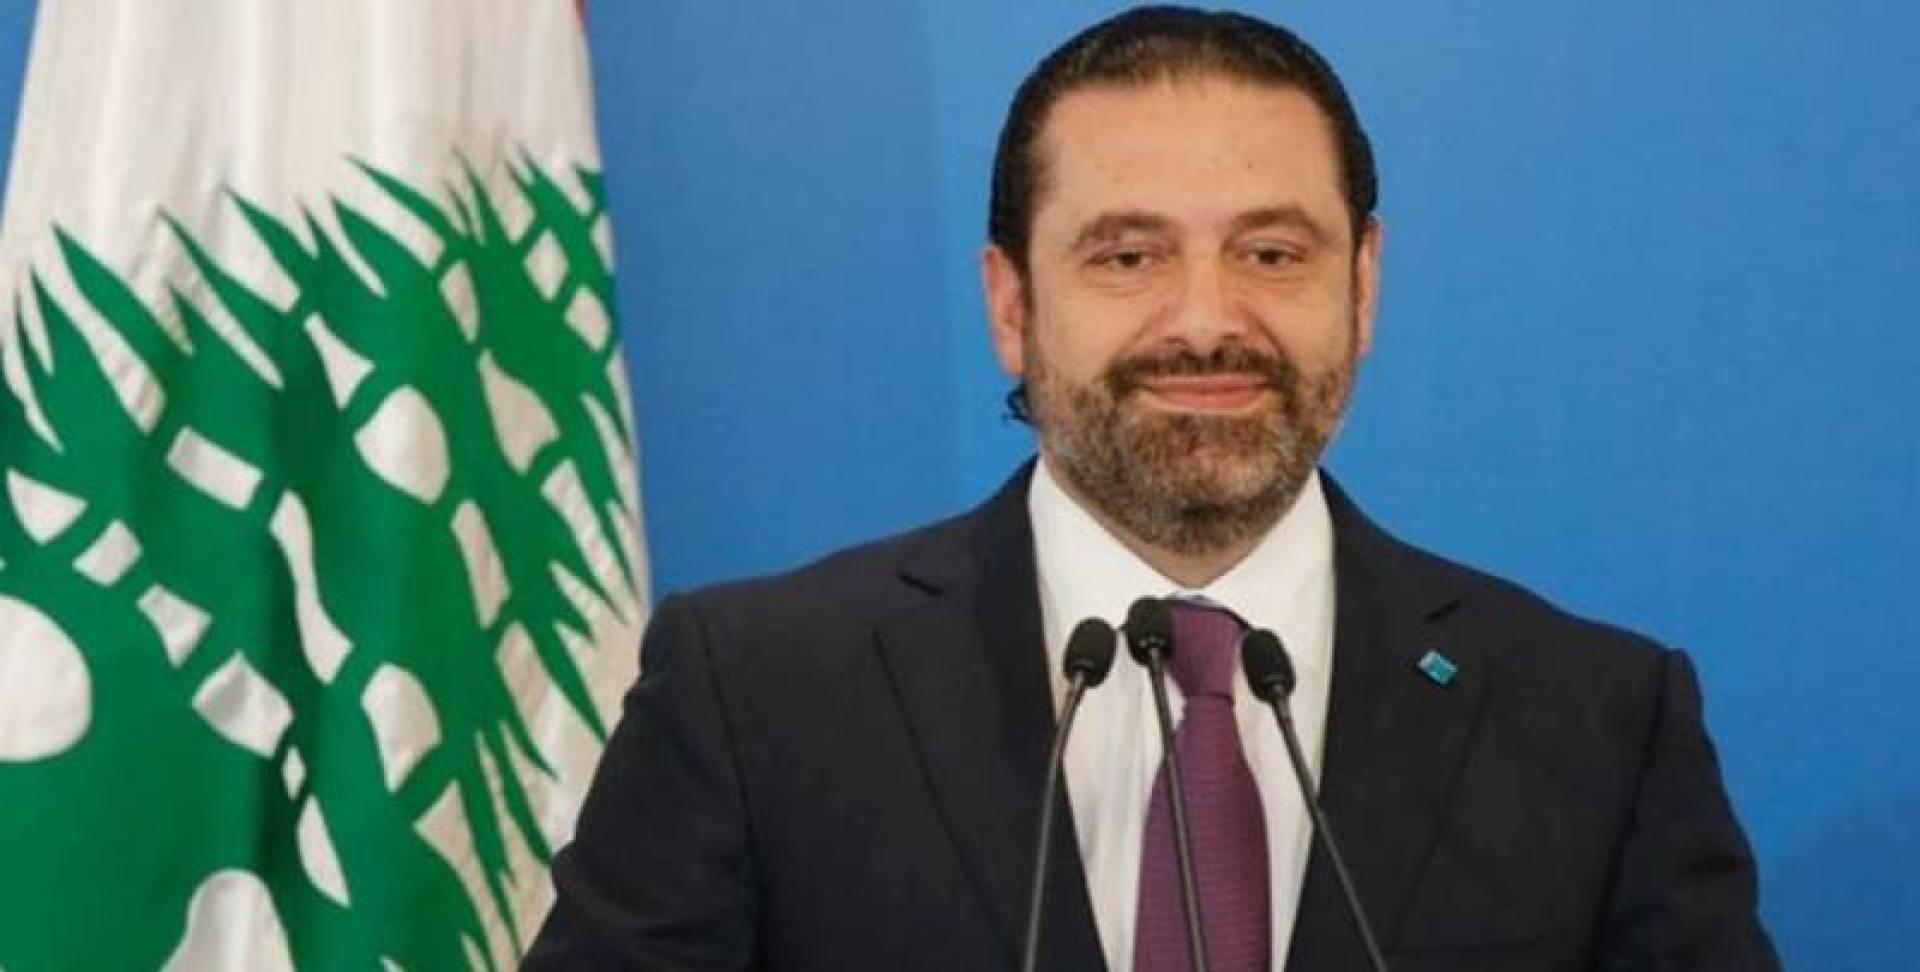 لبنان: مواقف إيرانية تشوش على لقاء الحريري - بومبيو